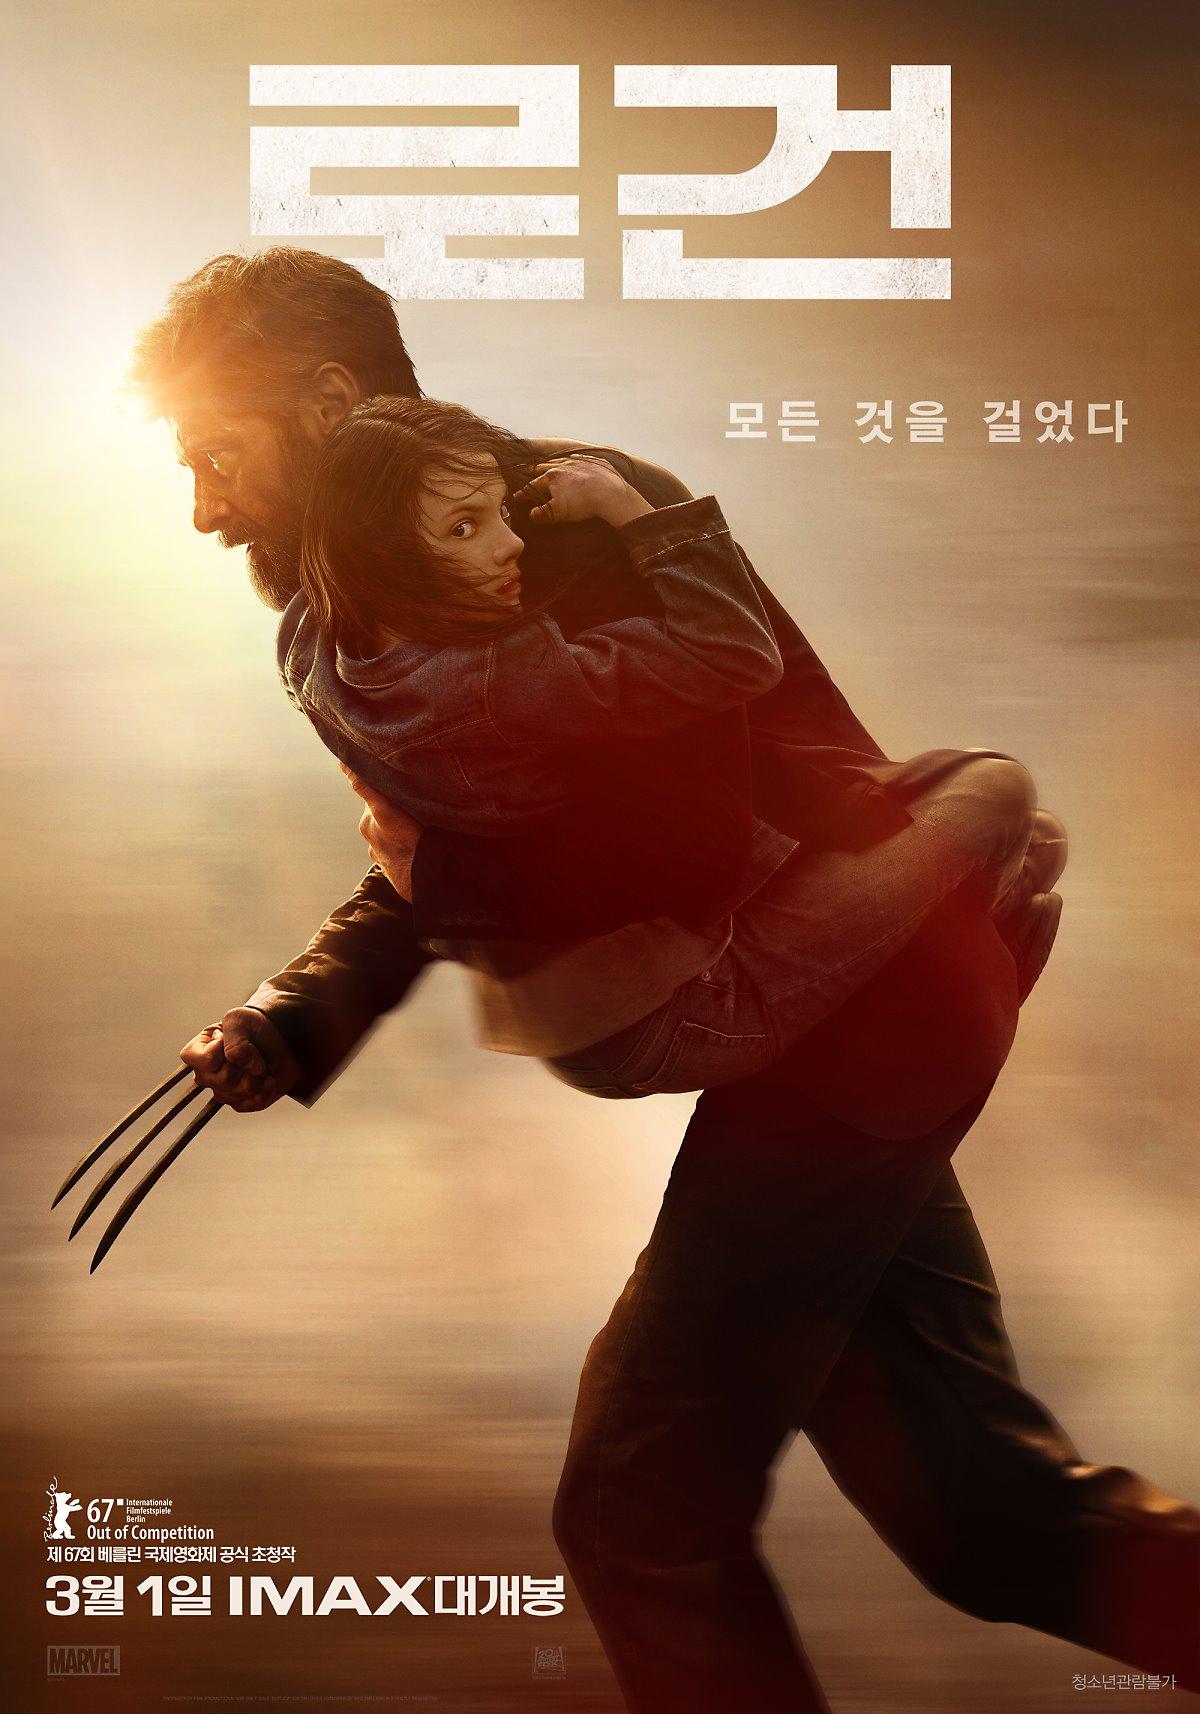 로건 (Logan, 2017)